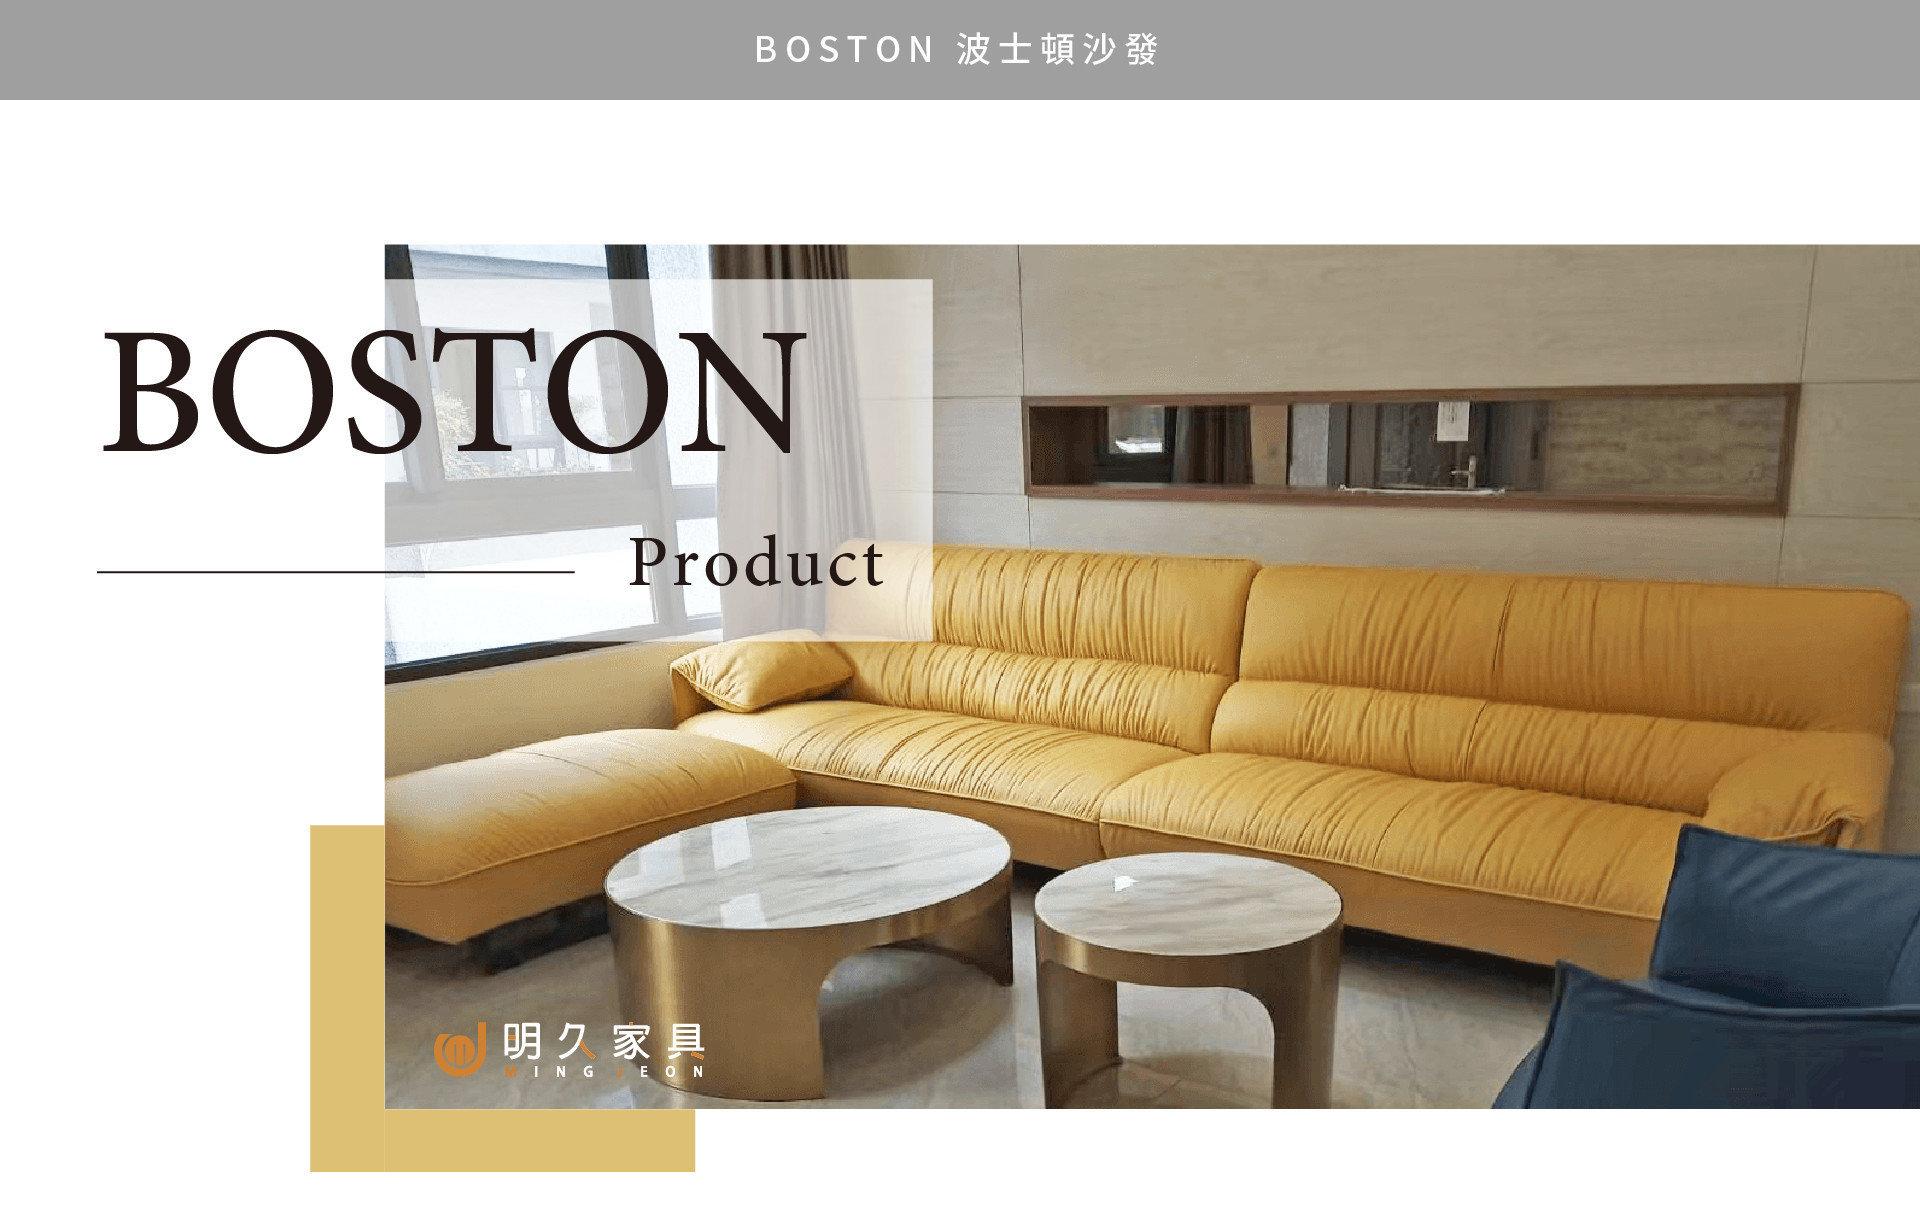 波士頓沙發產品介紹